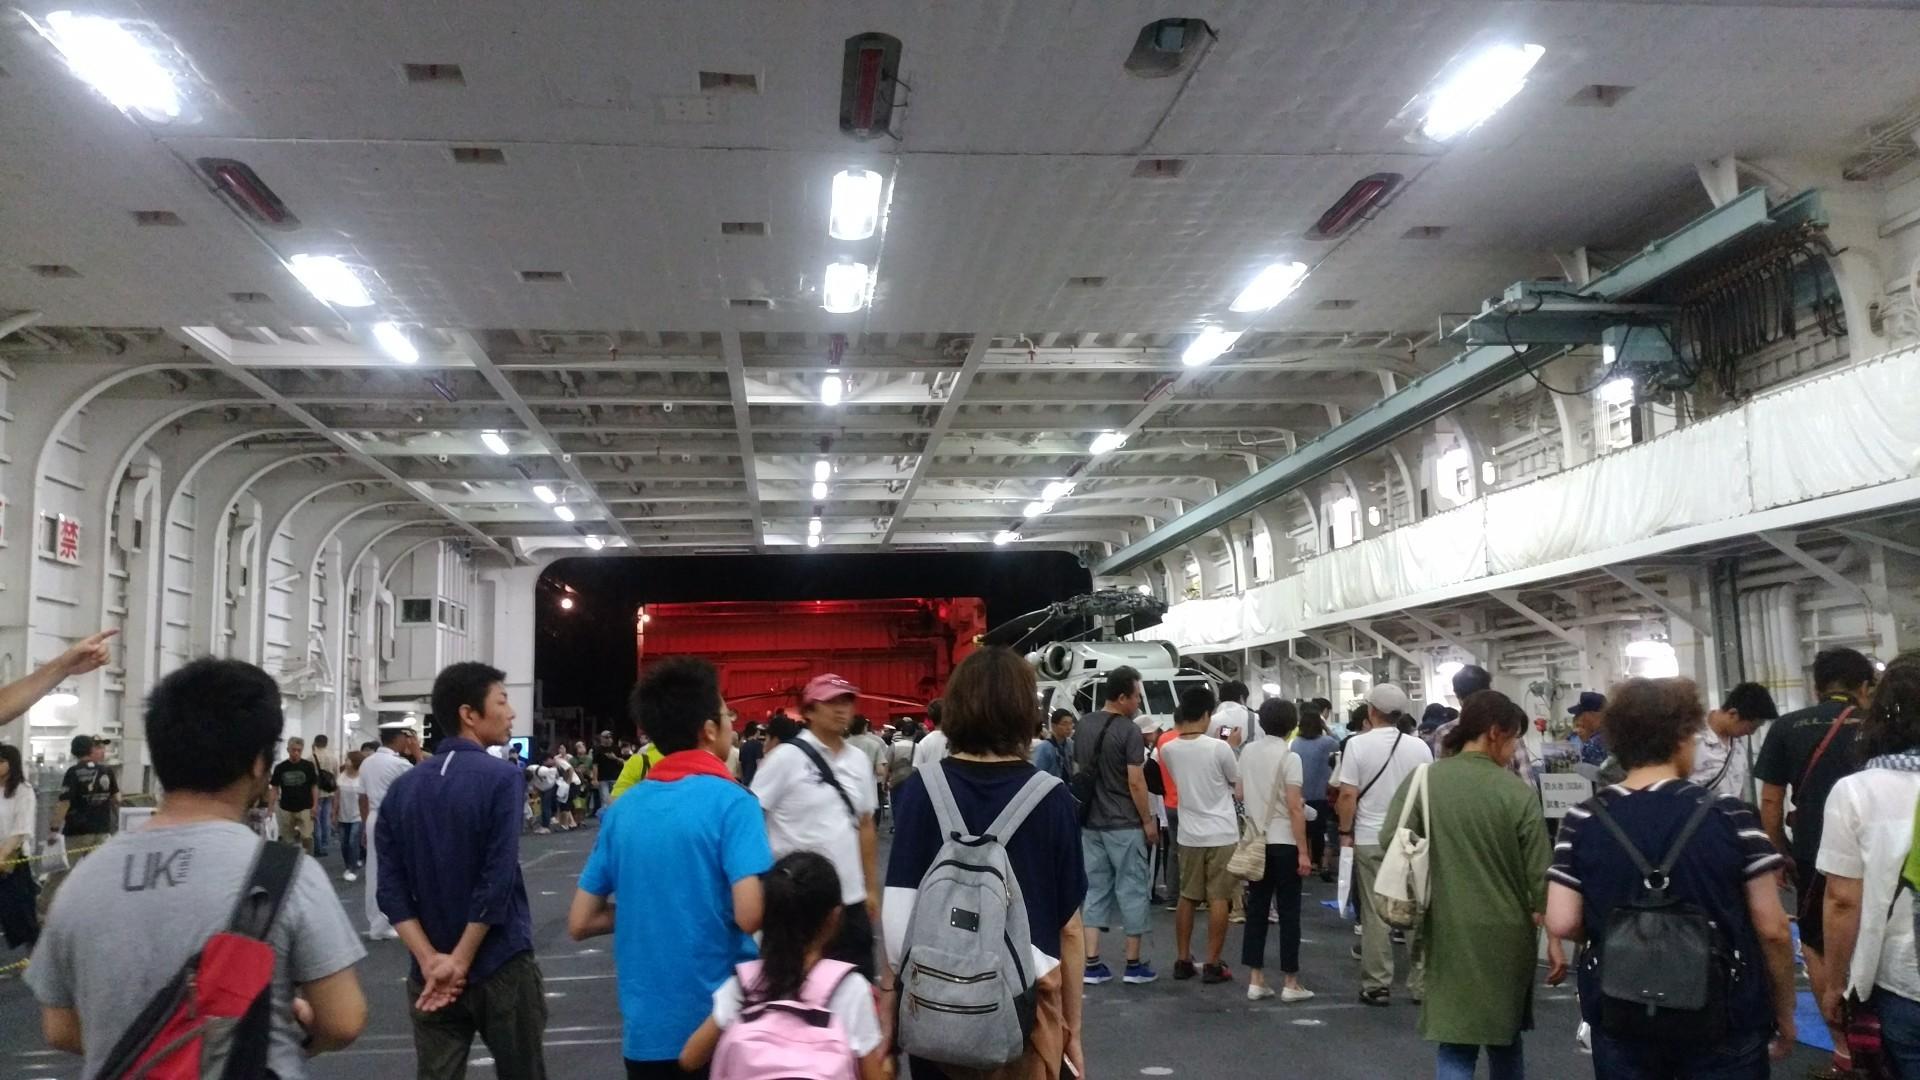 海上自衛隊☆ヘリコプター搭載「ひゅうが」一般公開 in 酒田北港へ行って来ました!_f0168392_11390767.jpg